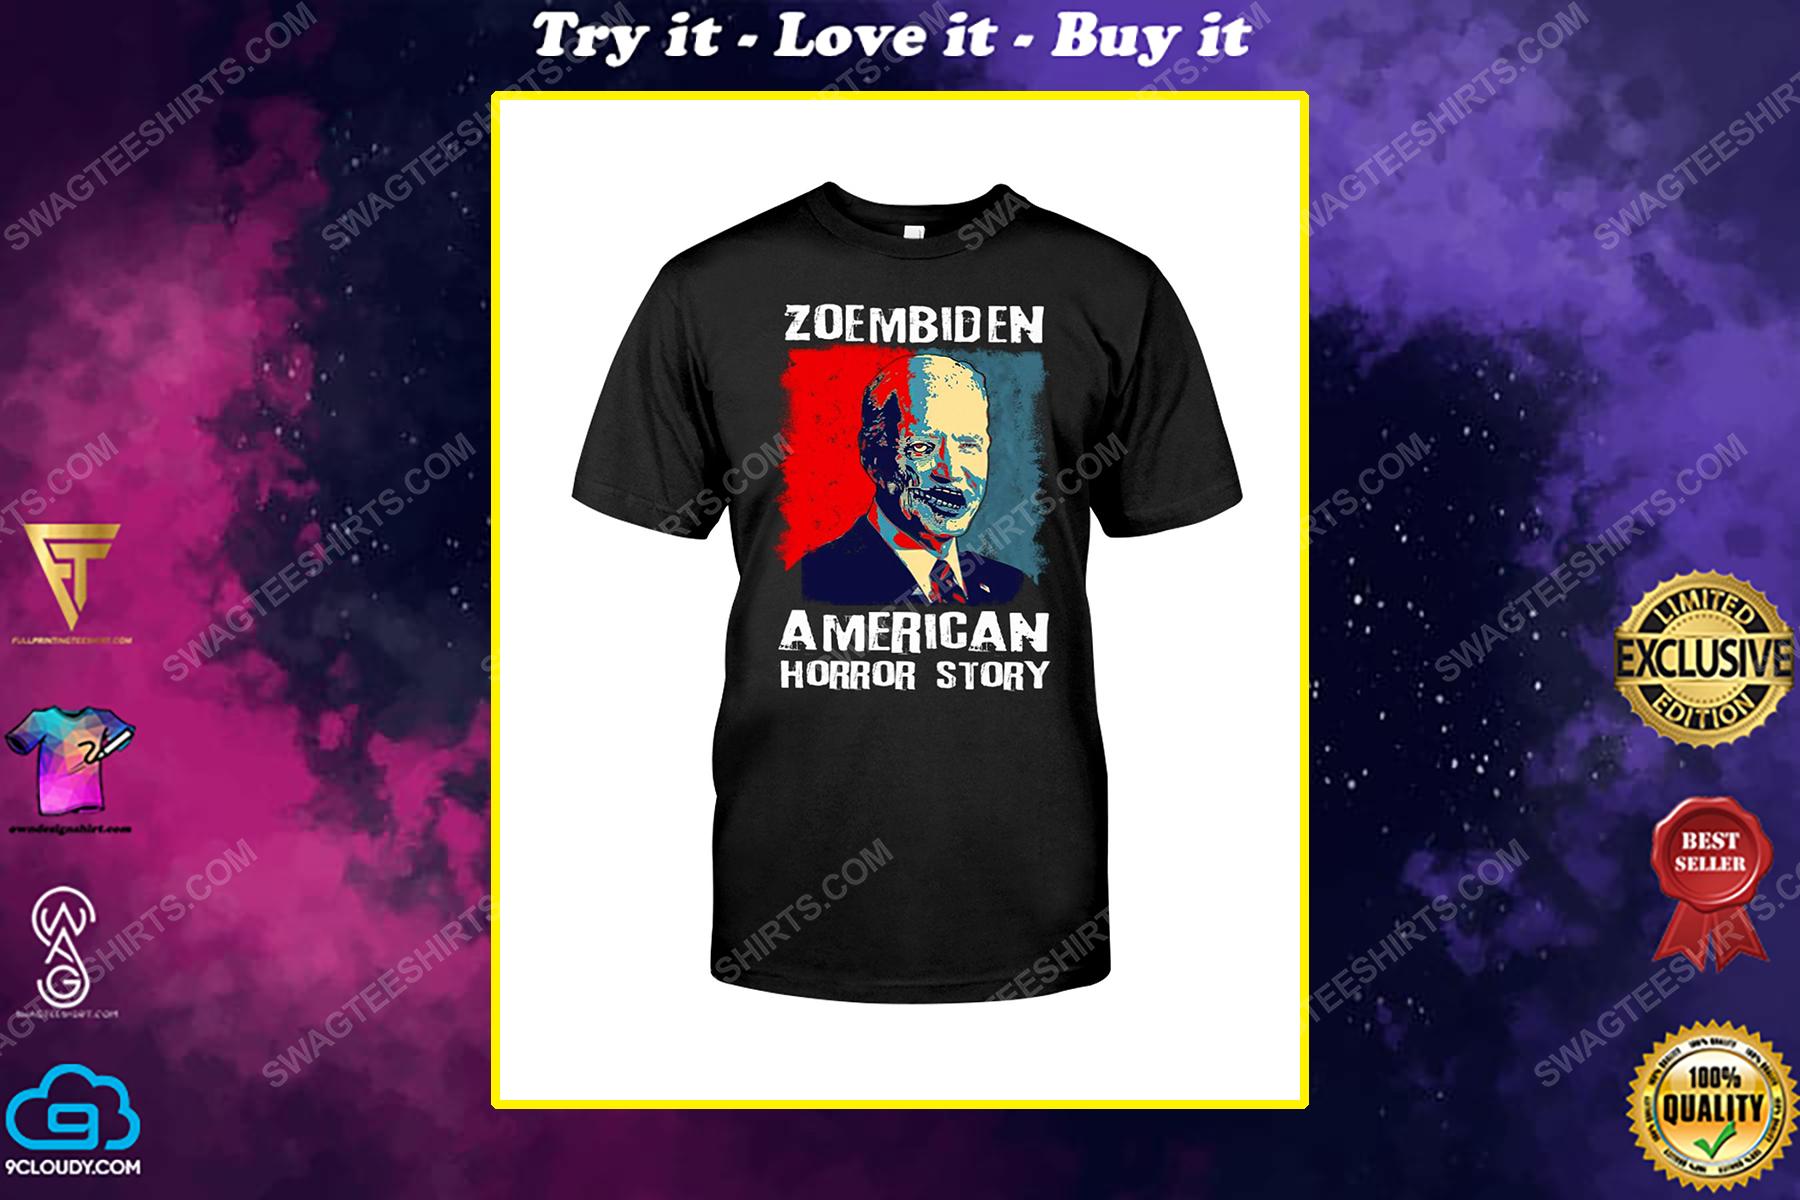 Zoembiden joe biden american horror story political shirt